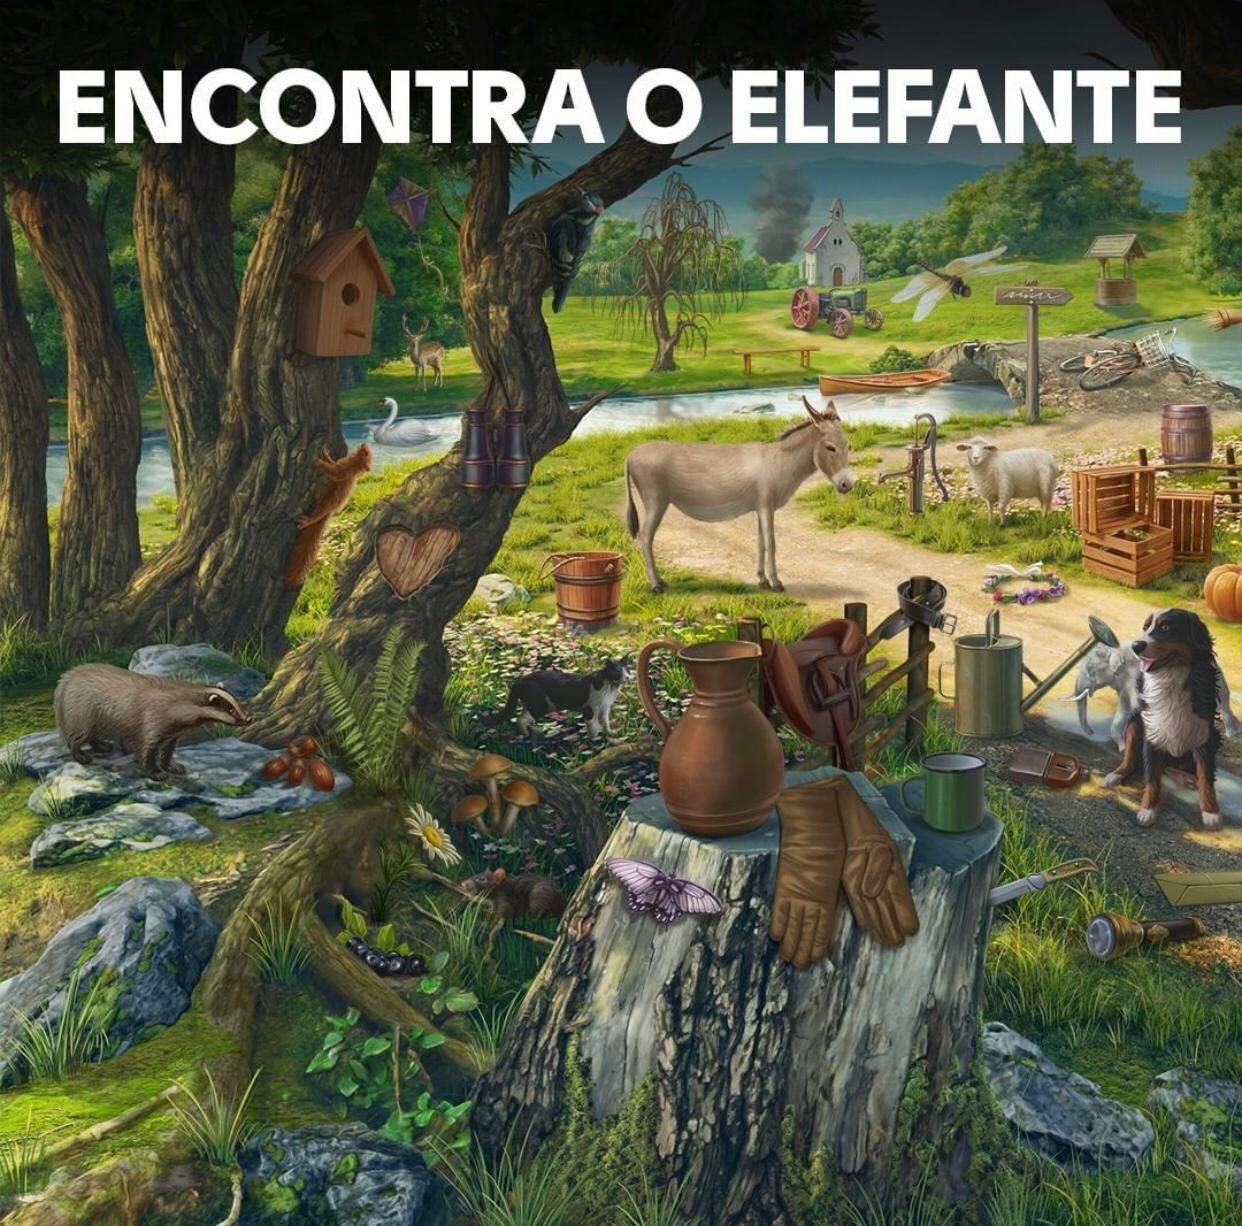 Encontre o elefante. Teste de atenção: encontre o elefante na imagem..